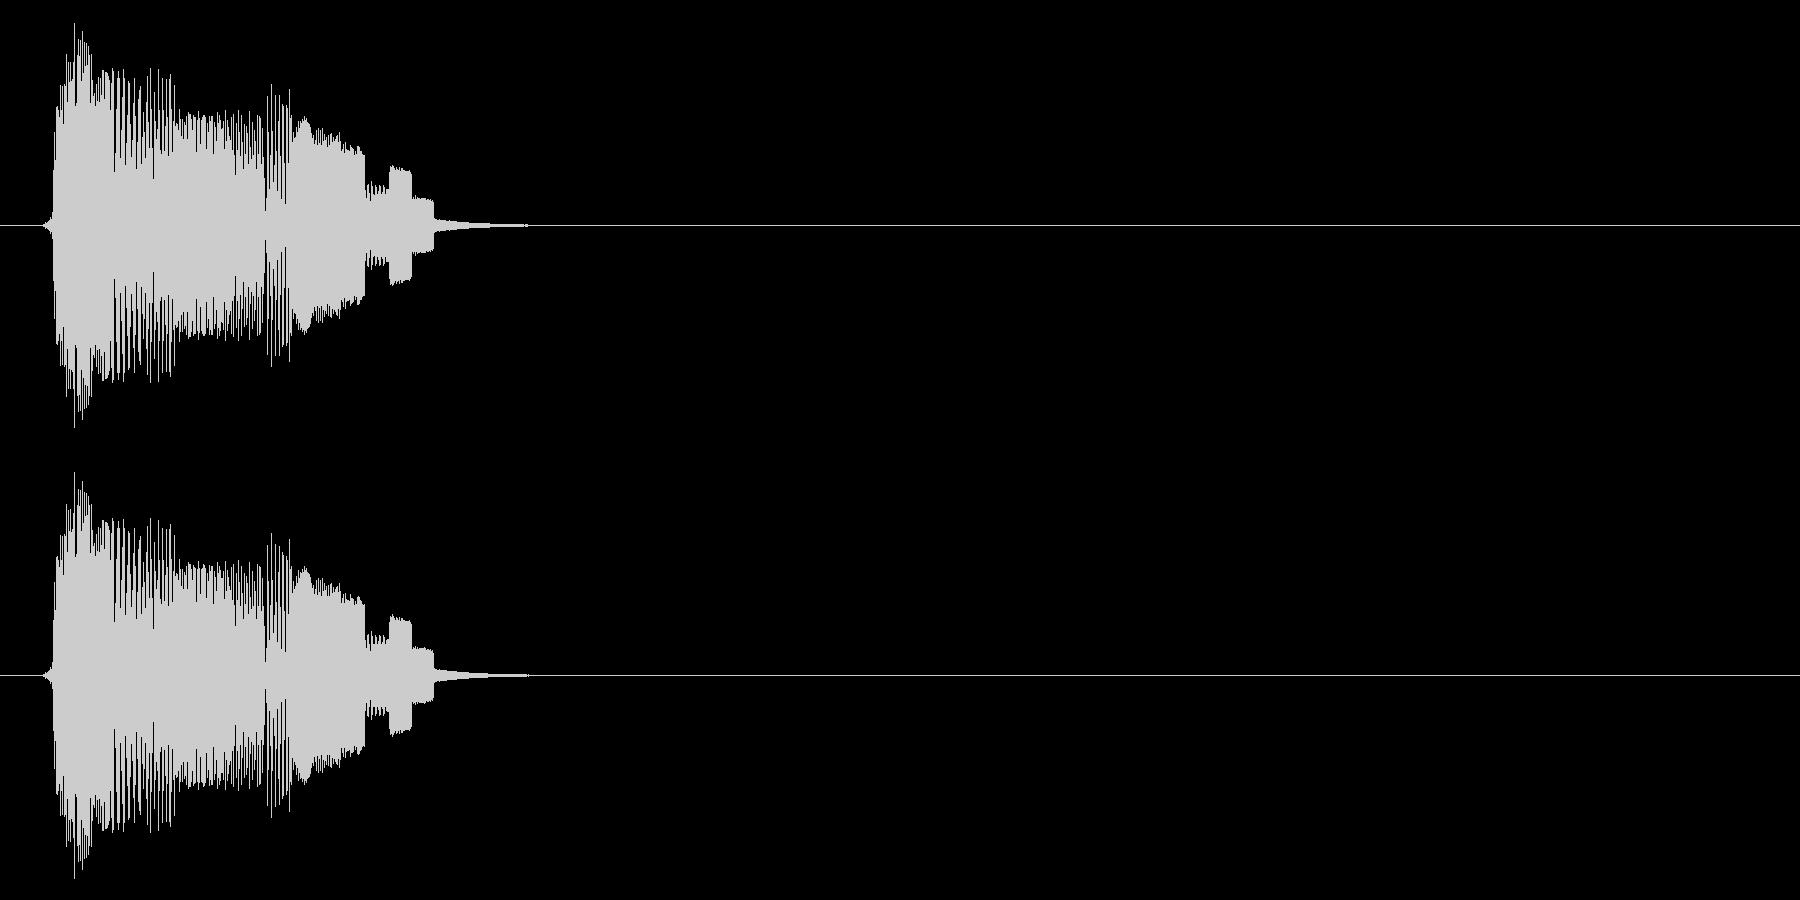 ボタン音(タッチ、スタート、アプリ)の未再生の波形